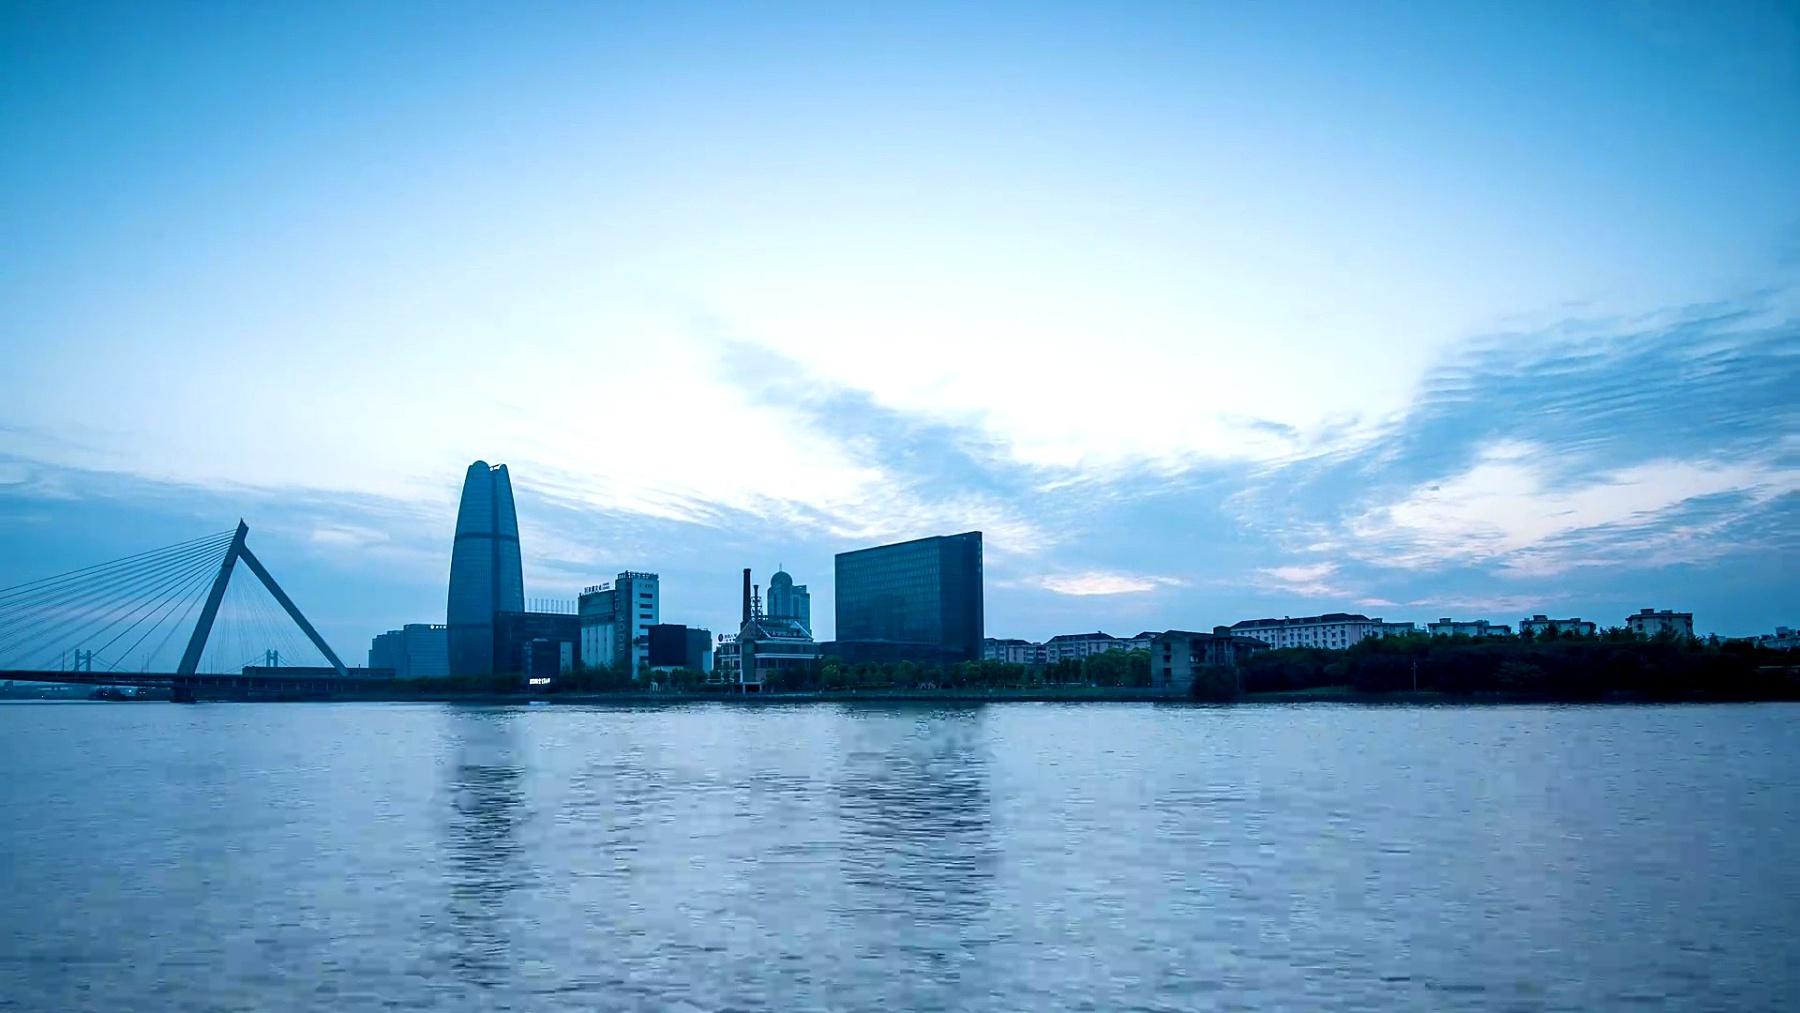 黎明时分宁波河岸的天际线和现代建筑,延时摄影。